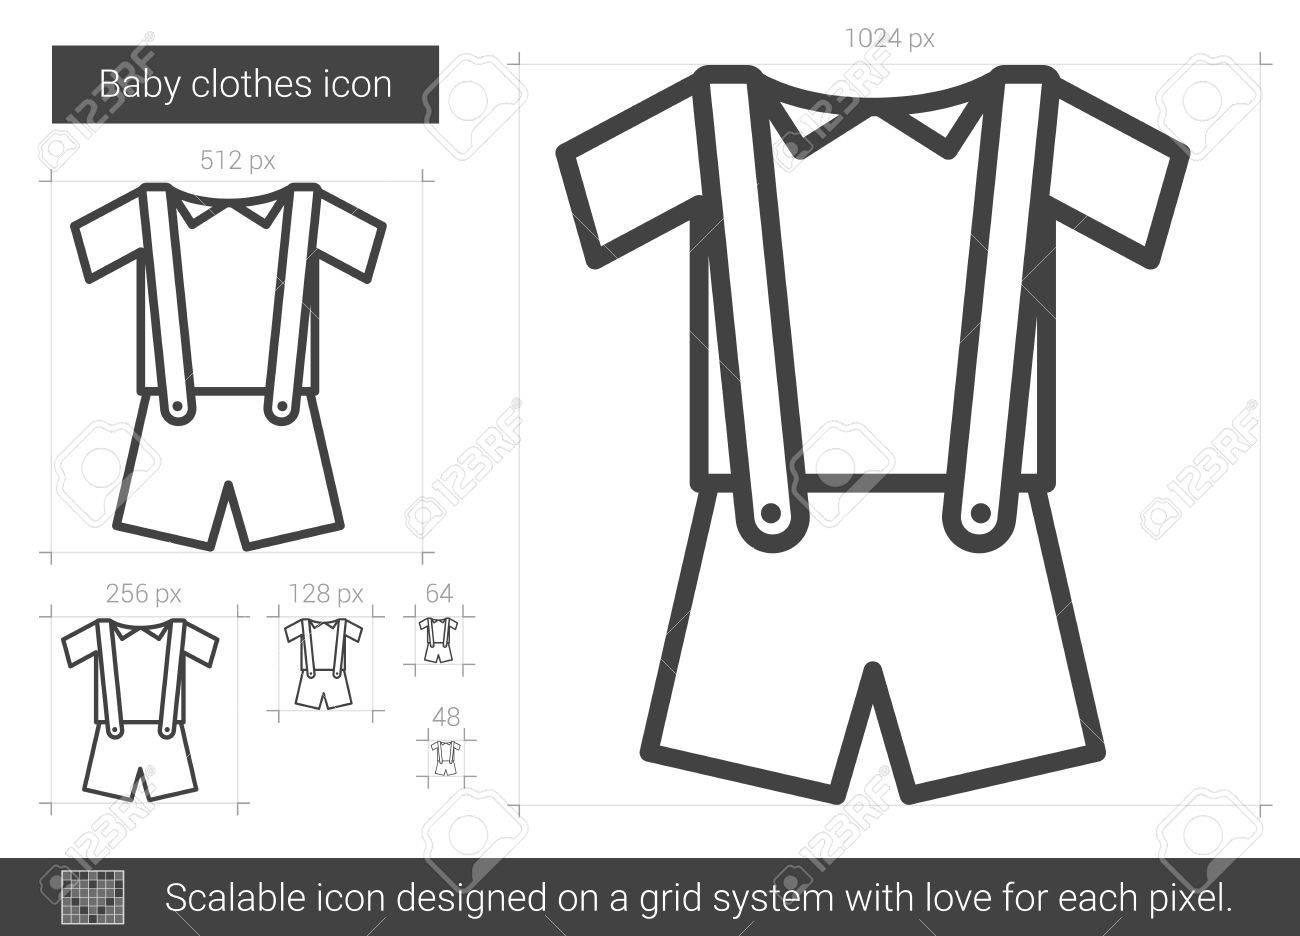 a968844624809 80255859-vêtements-de-bébé-vector-ligne-icône-isolé-sur-fond-blanc-icône-de- ligne-de-vêtements-pour-bébé-pour-infographie-sit.jpg